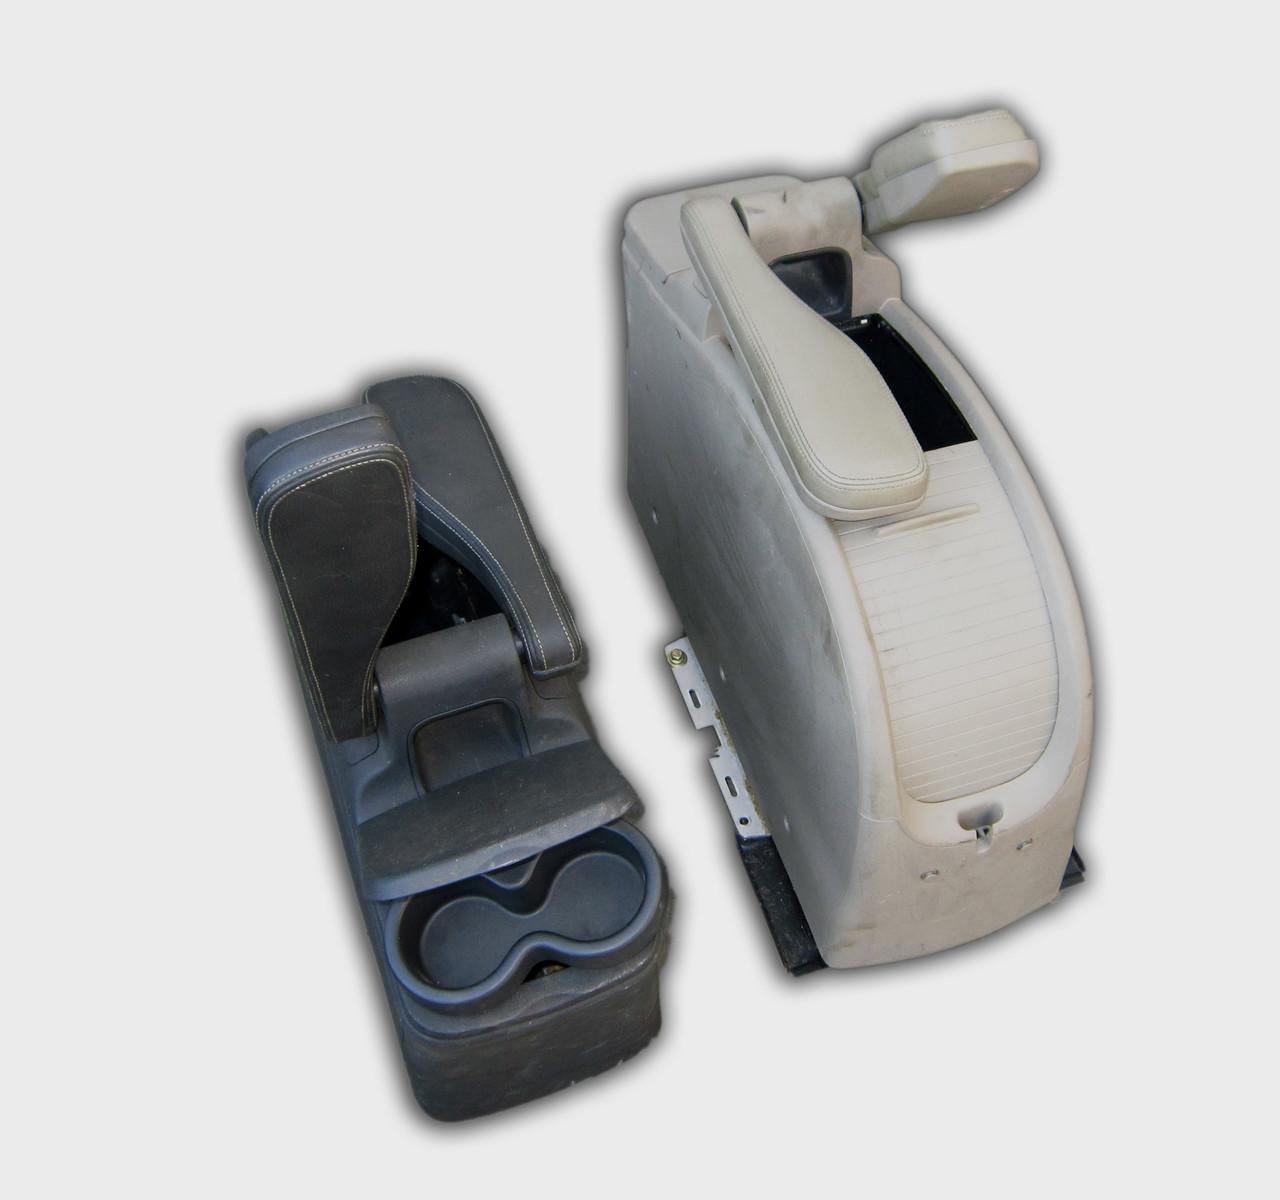 Подлокотник для Рено Сценик 2 (Renault Scenic 2)